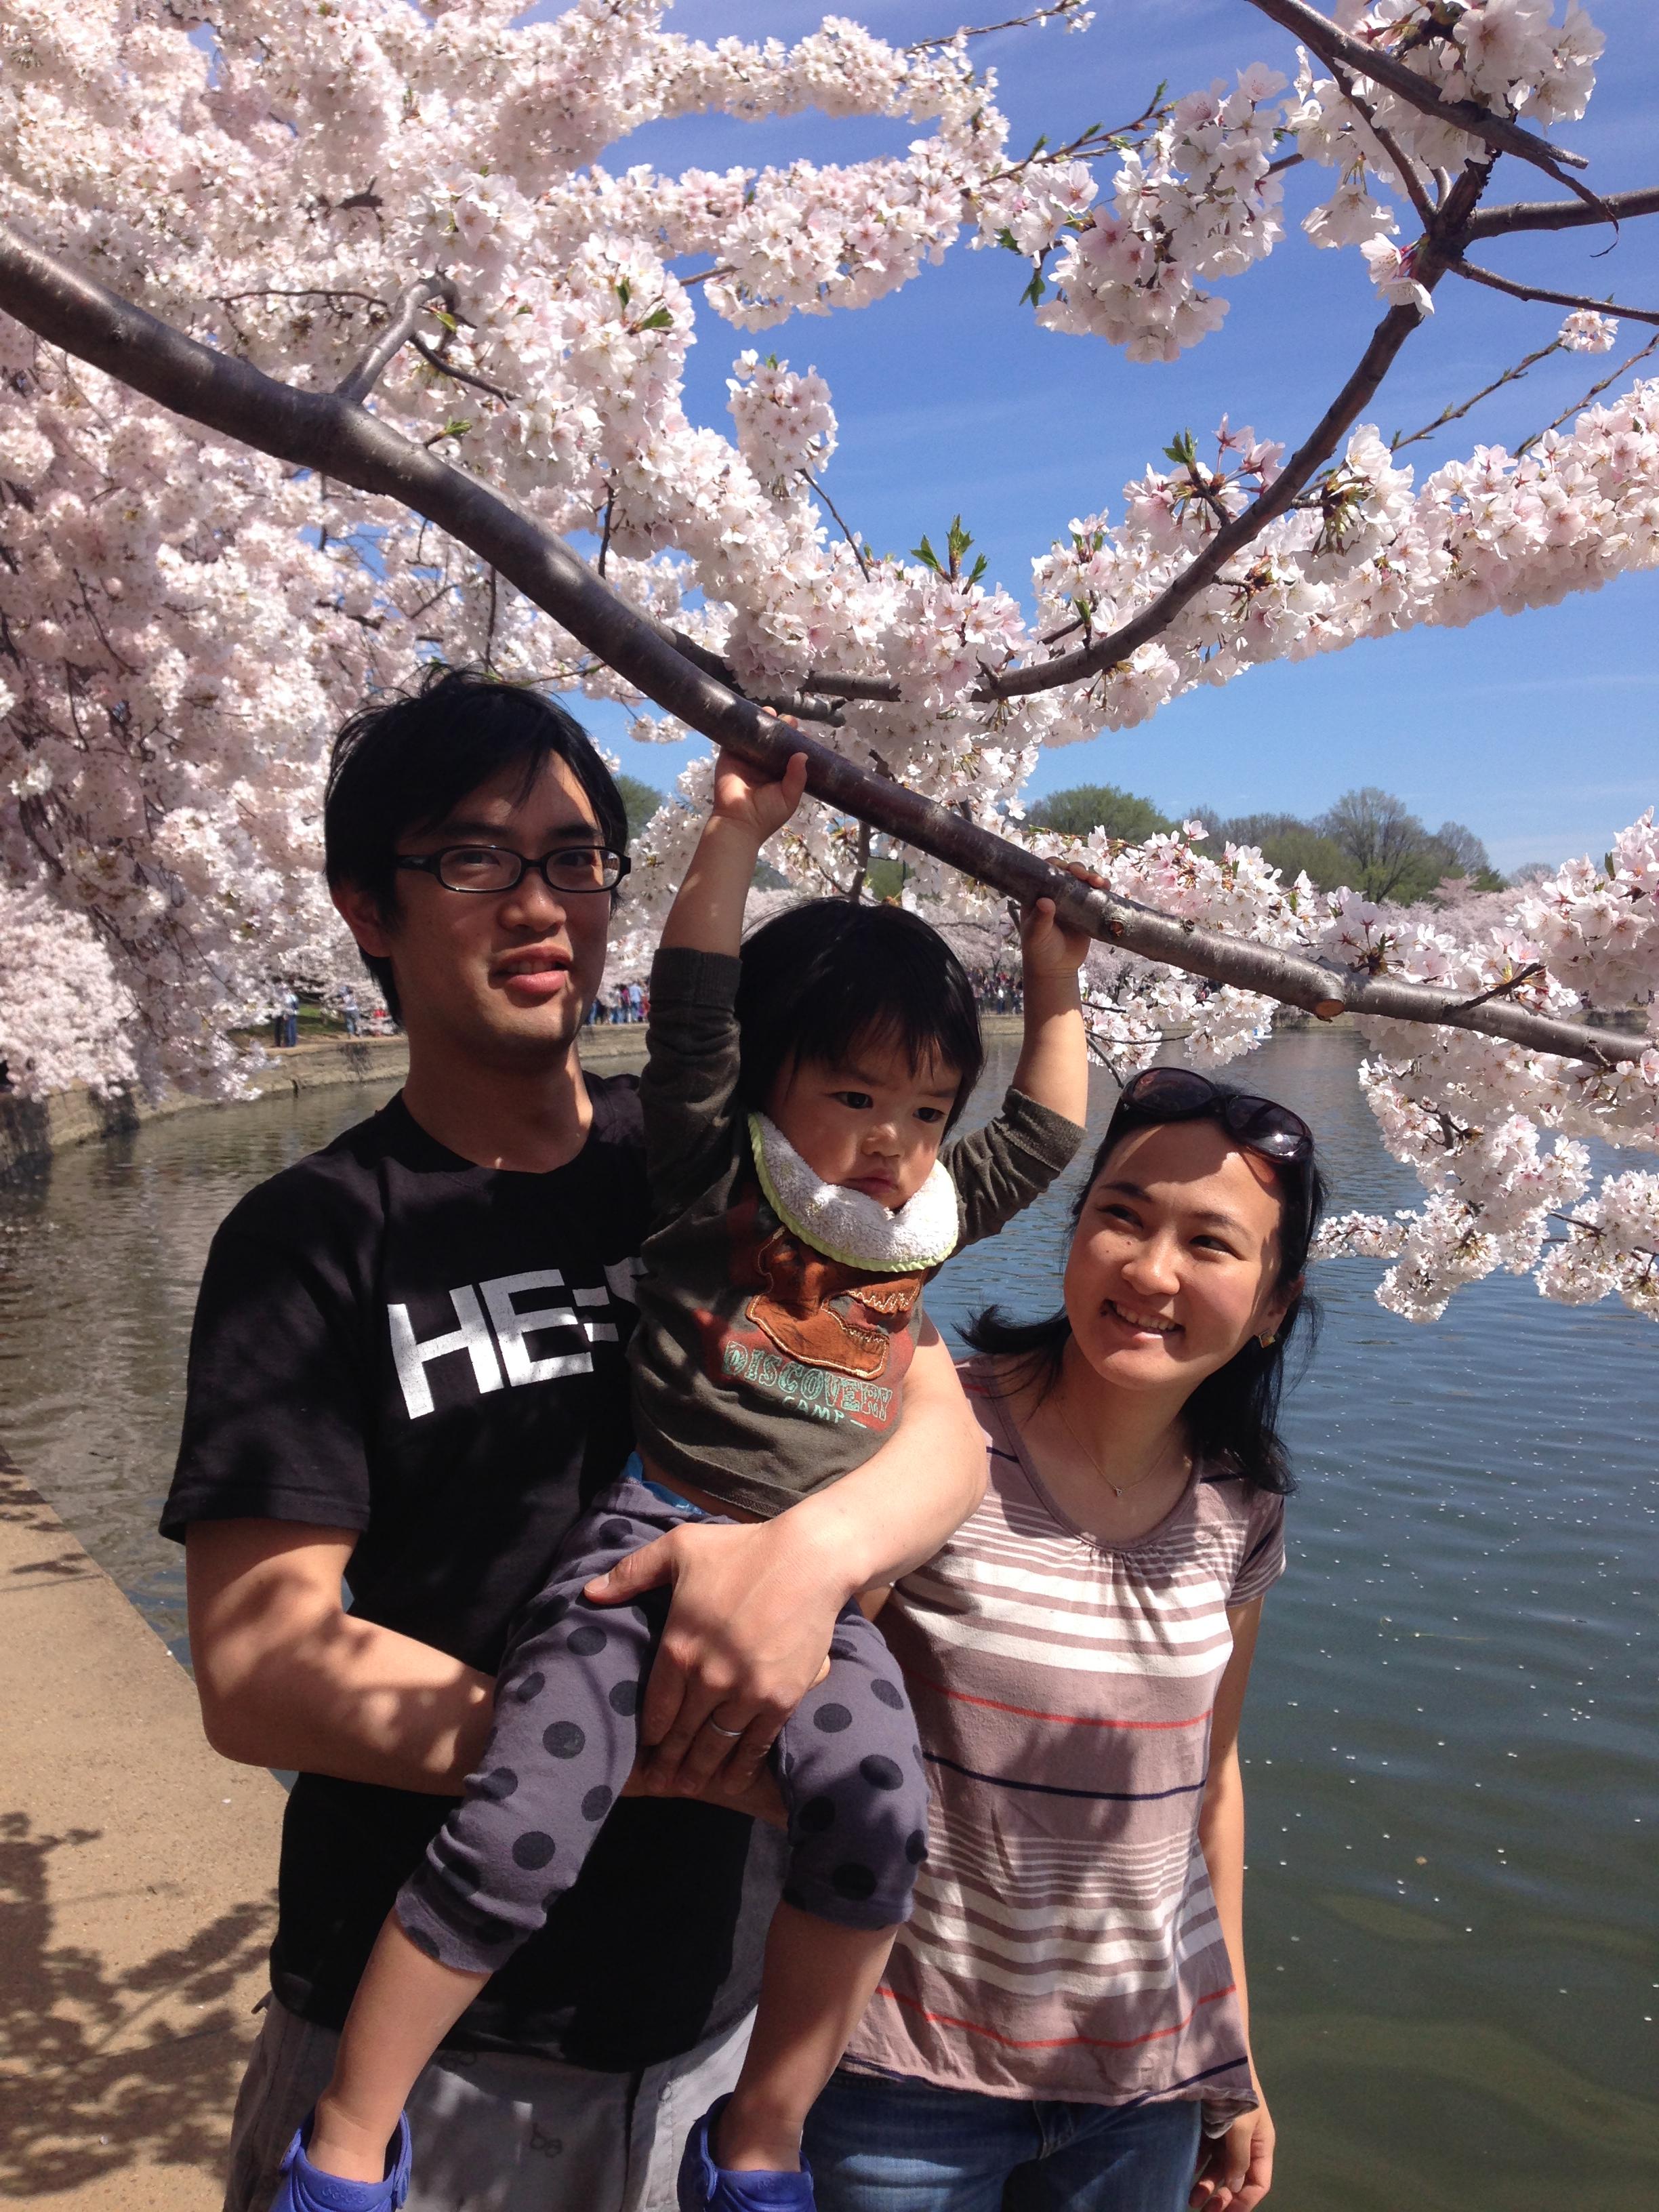 Kanata,de 22 meses, com o pai (Kensuke Arai) e a mãe (Madoka Arai): família japonesa visitando as cerejeiras.